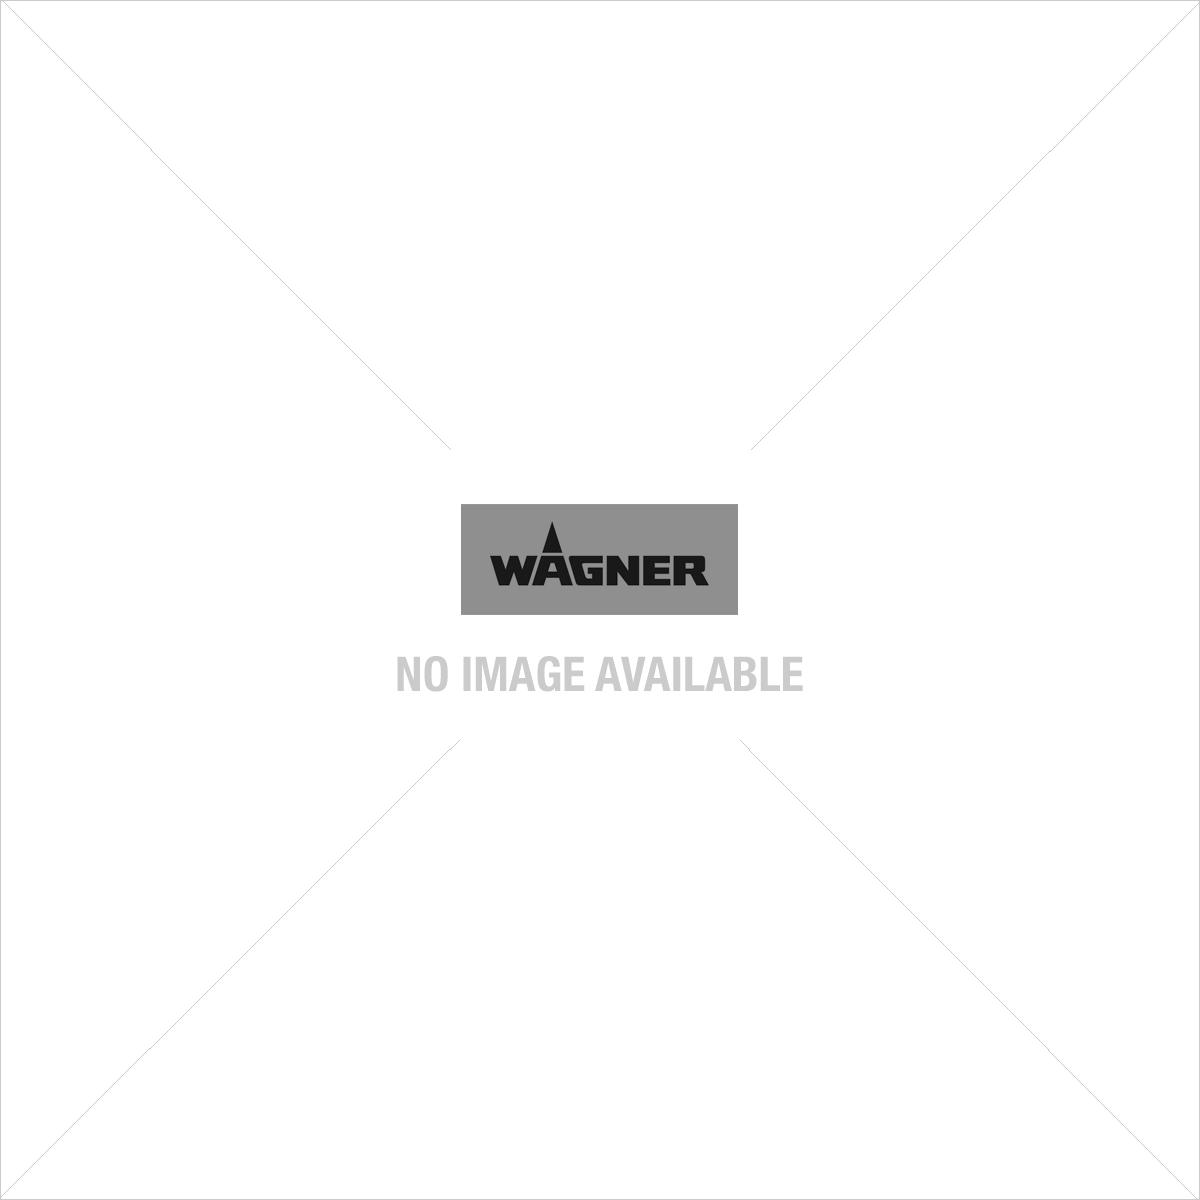 Einlass auslassventil Set für Wagner Project 115